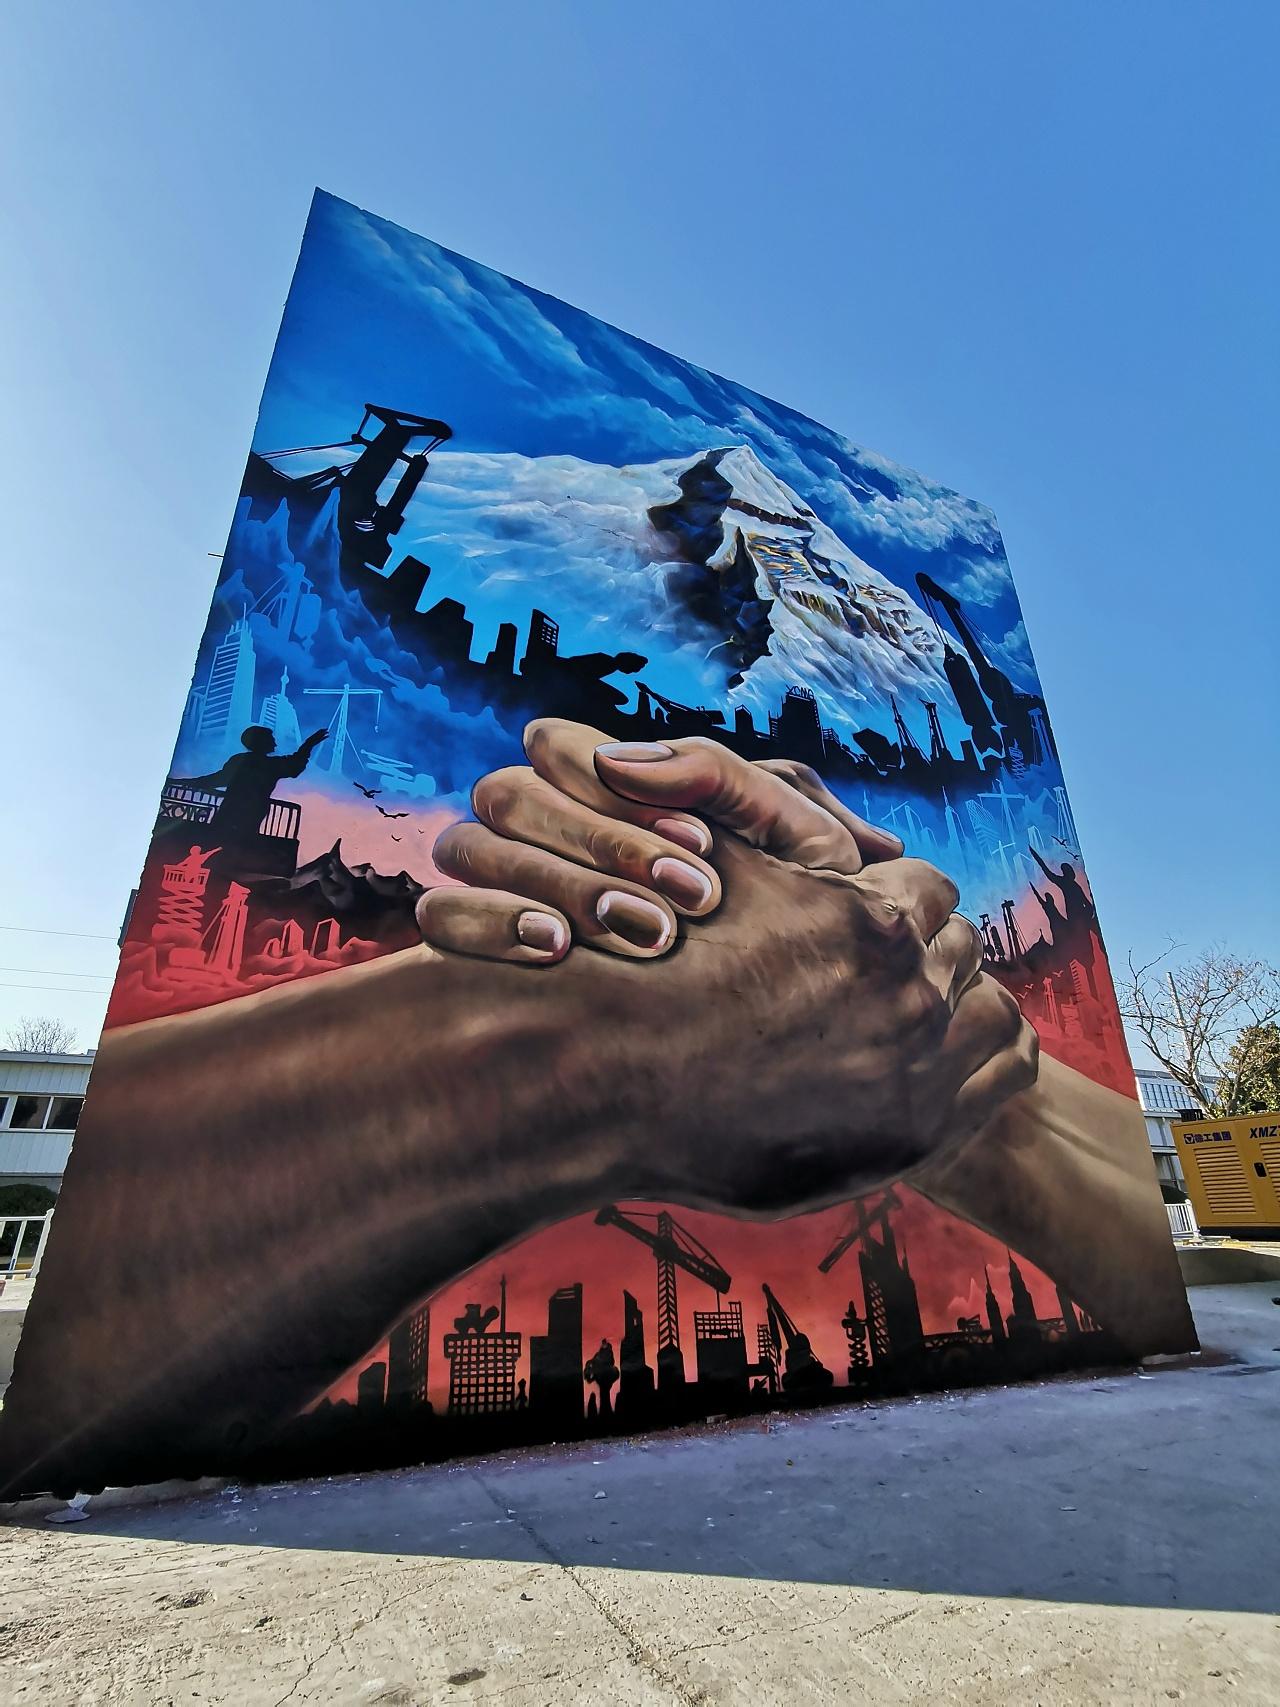 2020跨界艺术涂鸦魅力_街头涂鸦与徐州徐工机械完美结合_北京dna街头涂鸦团队